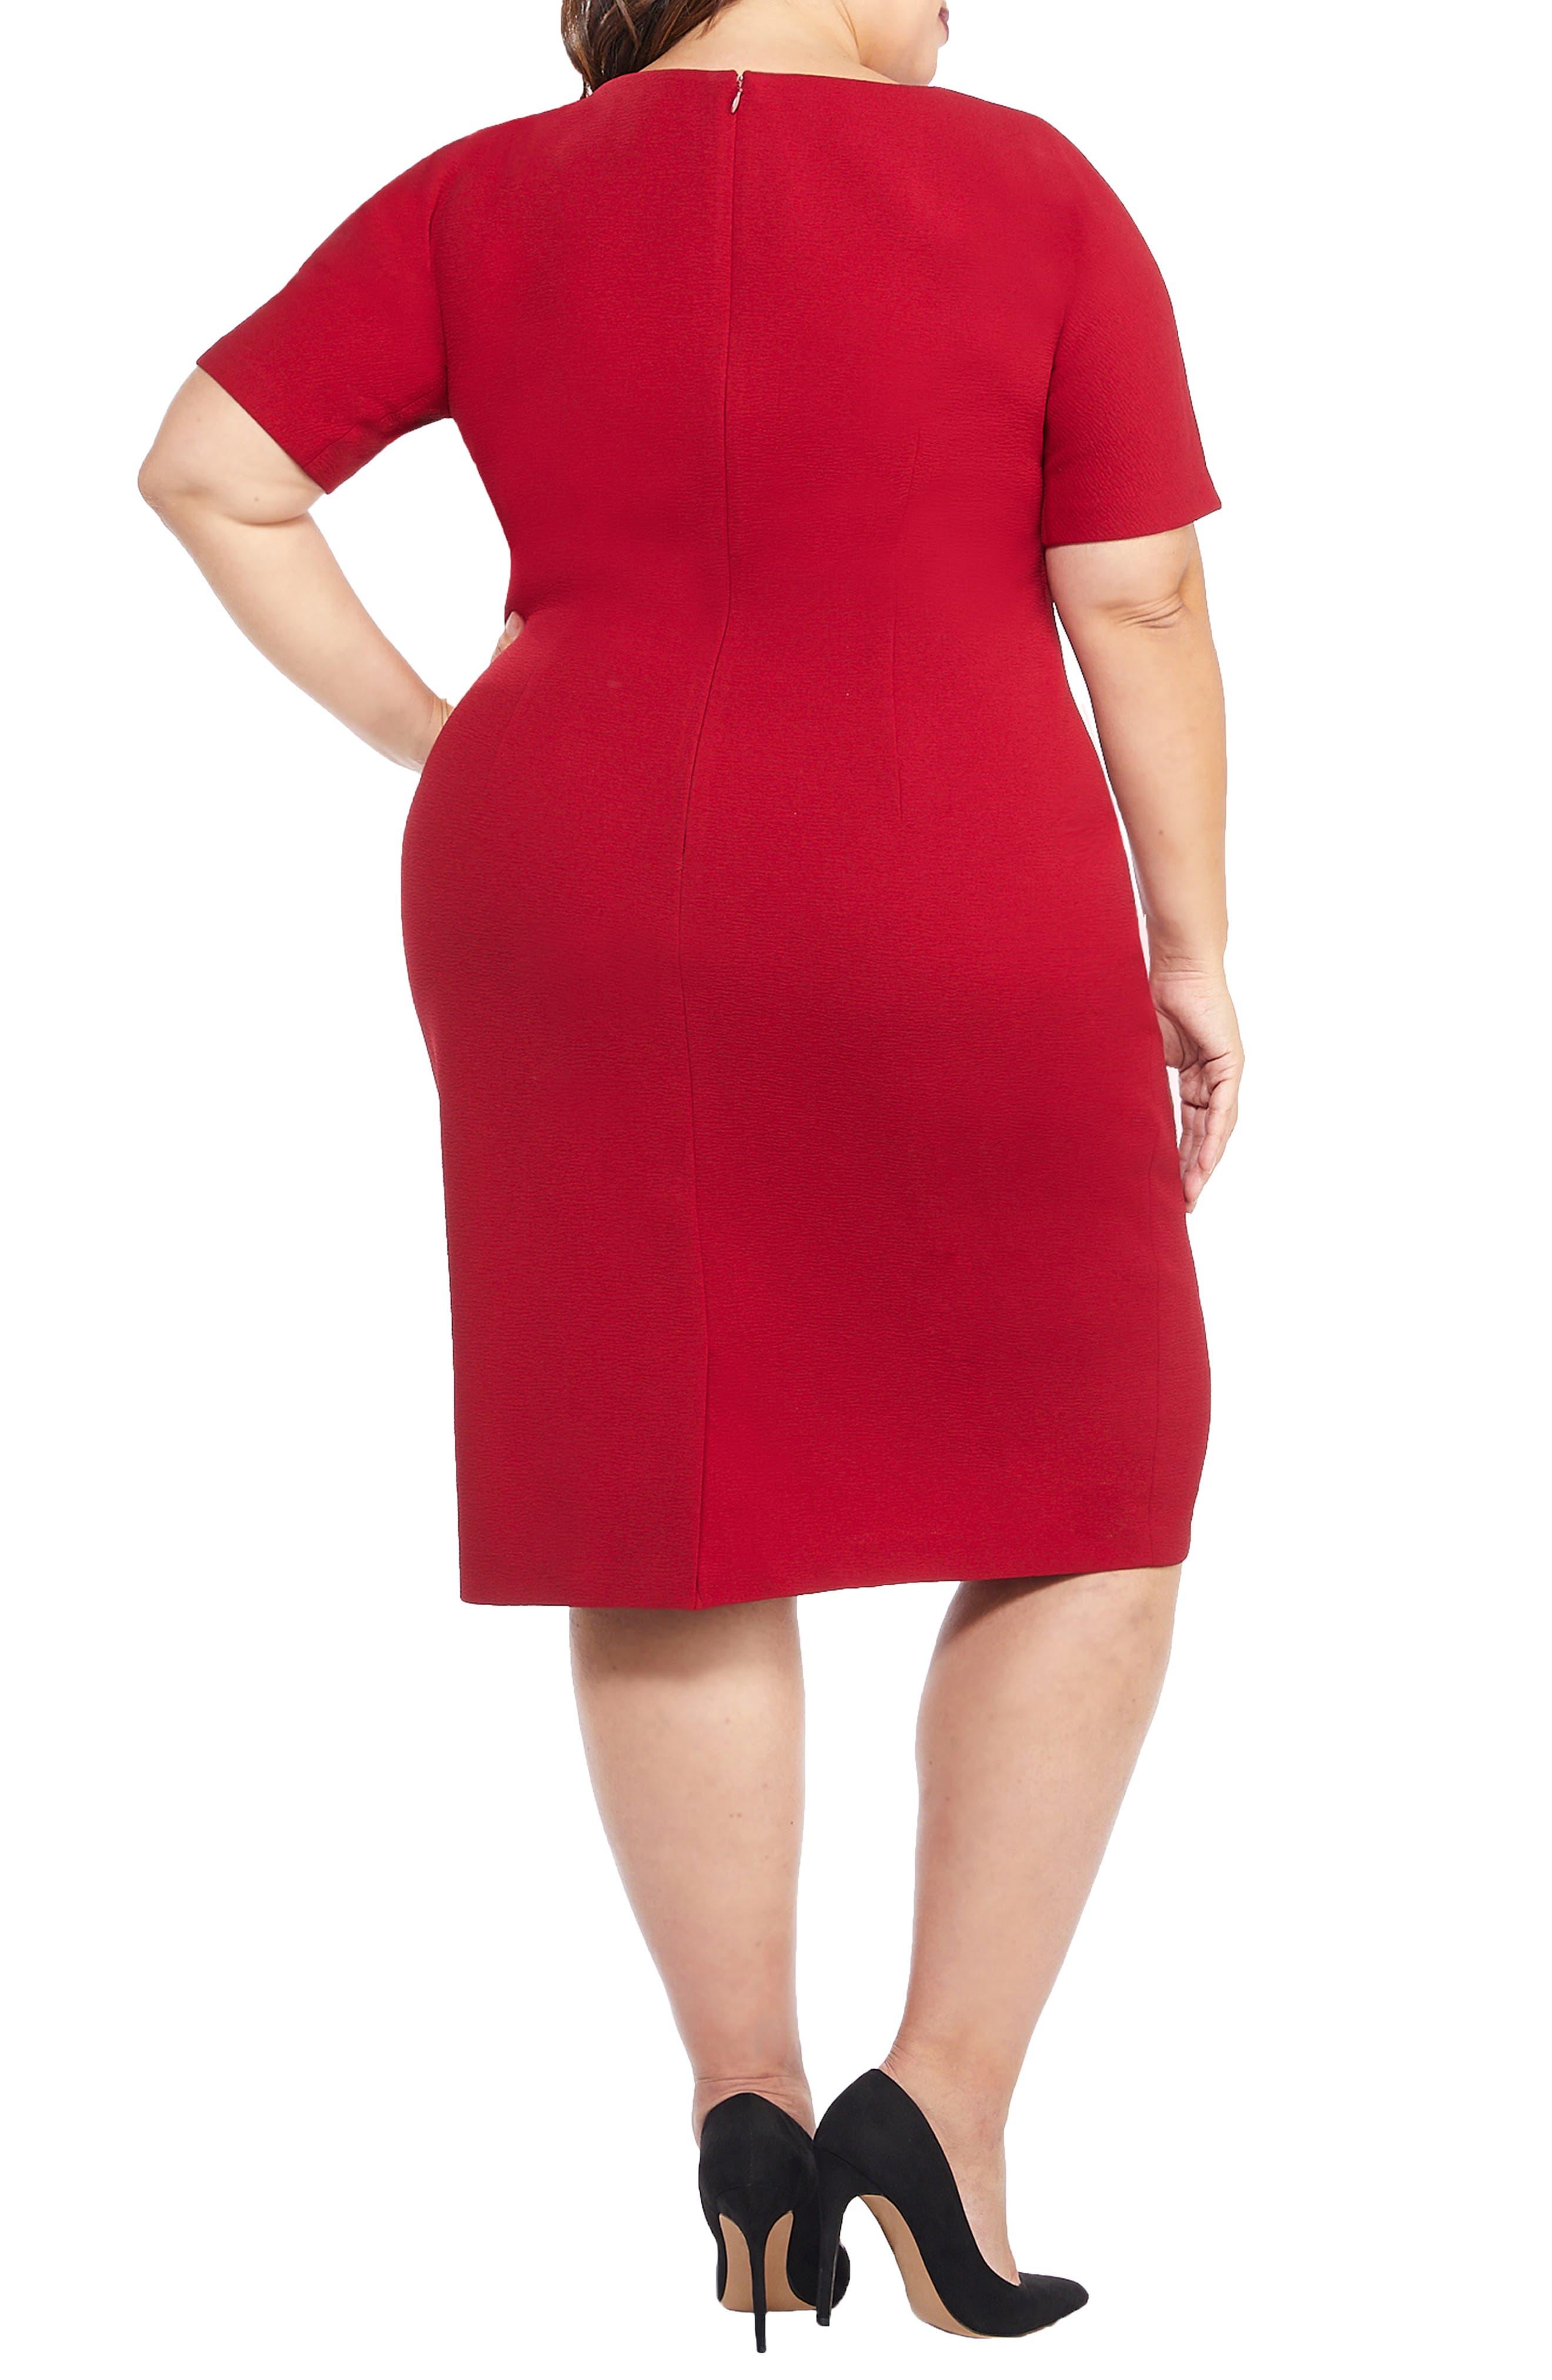 Metro Draped Side Sheath Dress,                             Alternate thumbnail 2, color,                             RED